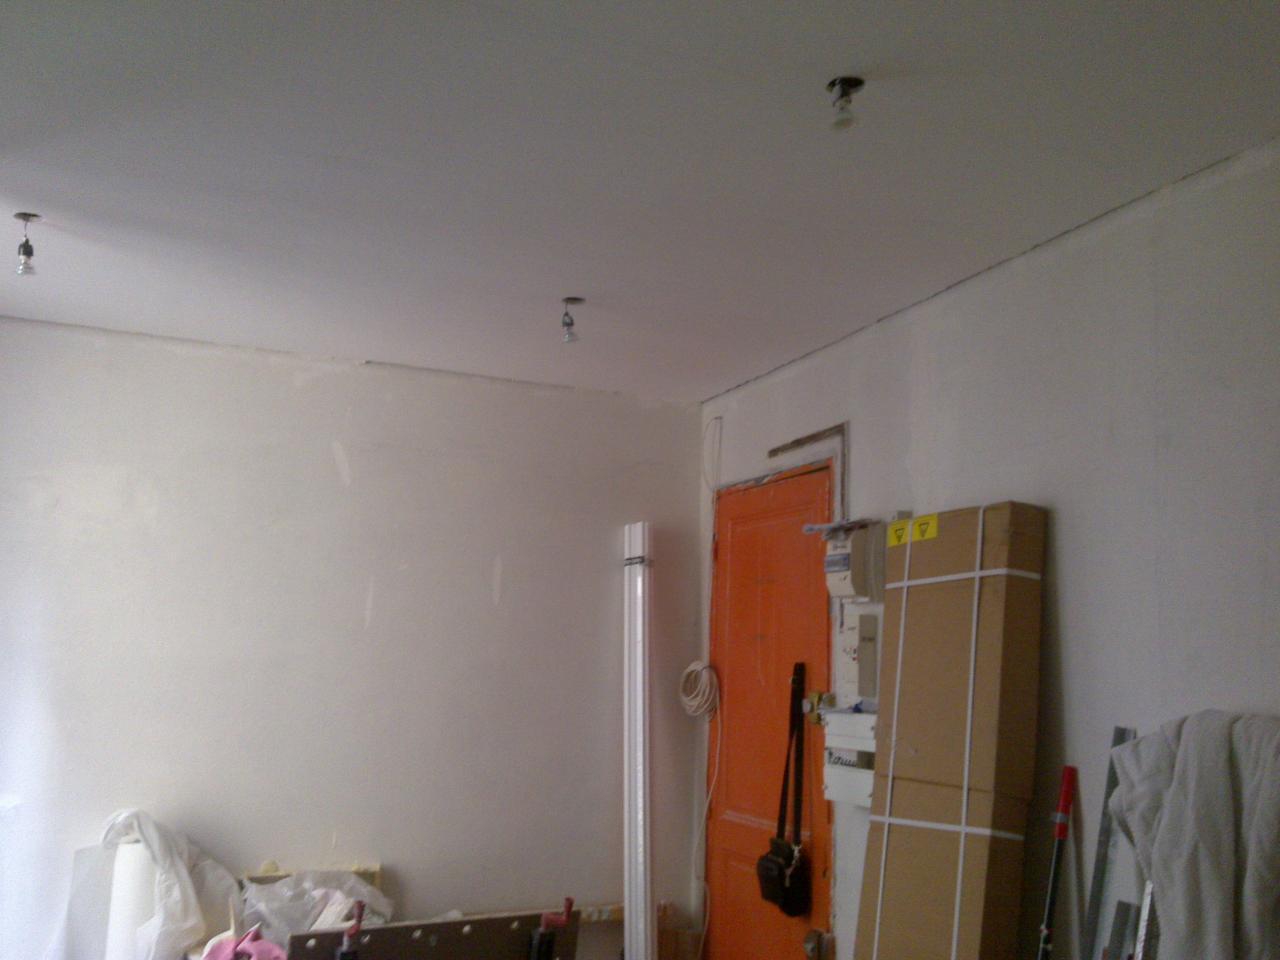 Goulotte Pour Plafond peindre moulure